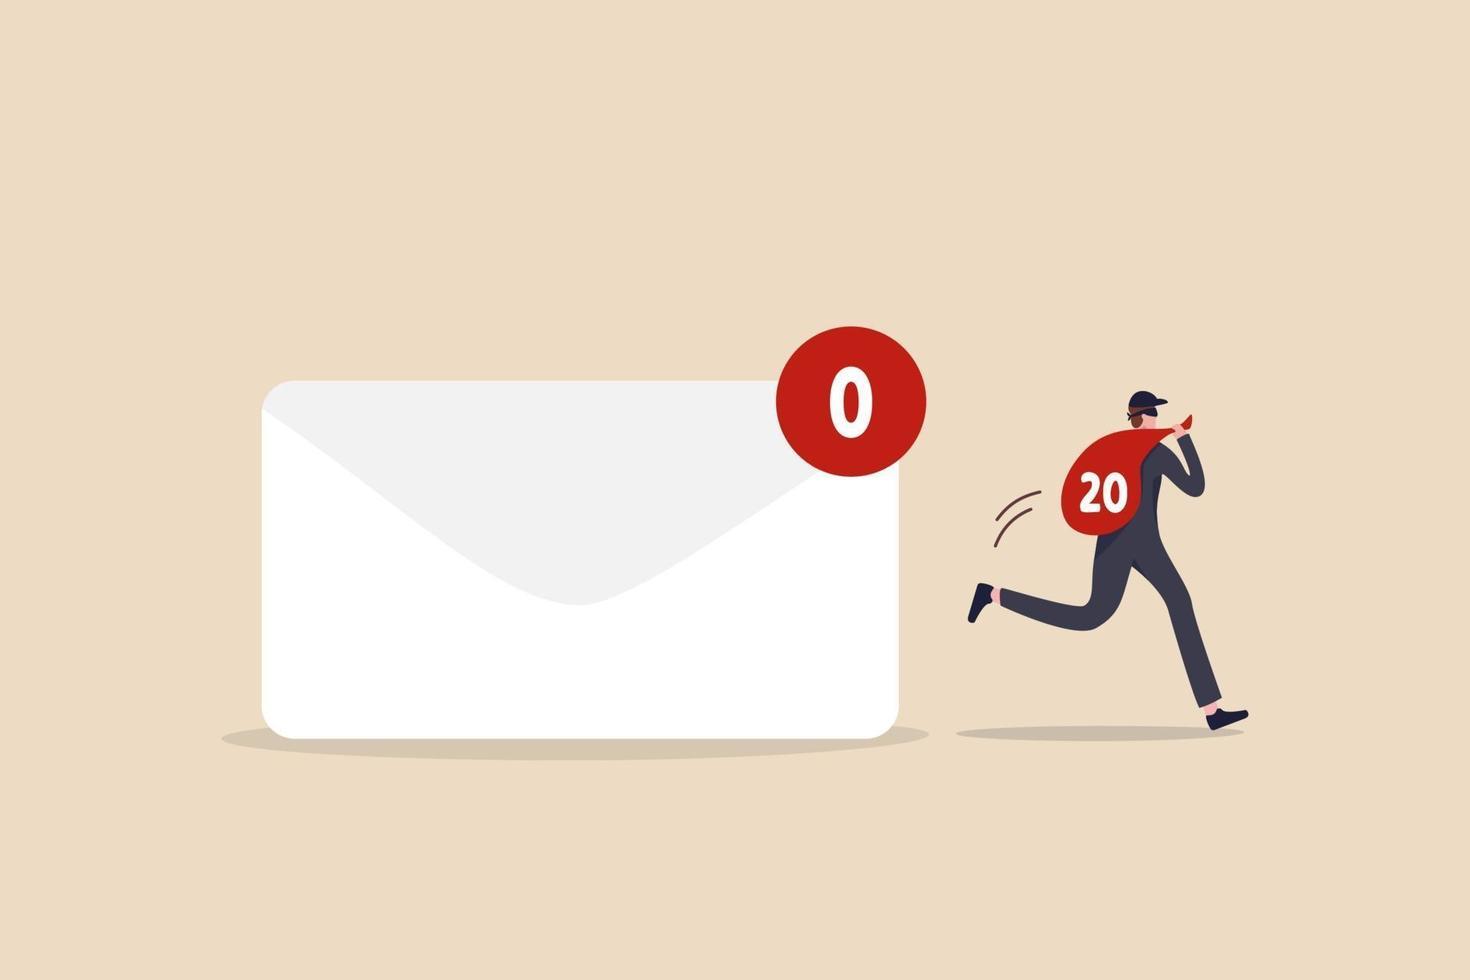 gegevensprivacy, persoonlijke e-mail vertrouwelijk, dief, cyberhacker of e-mailprovider reclame tonen op basis van het concept van voorkennis vector